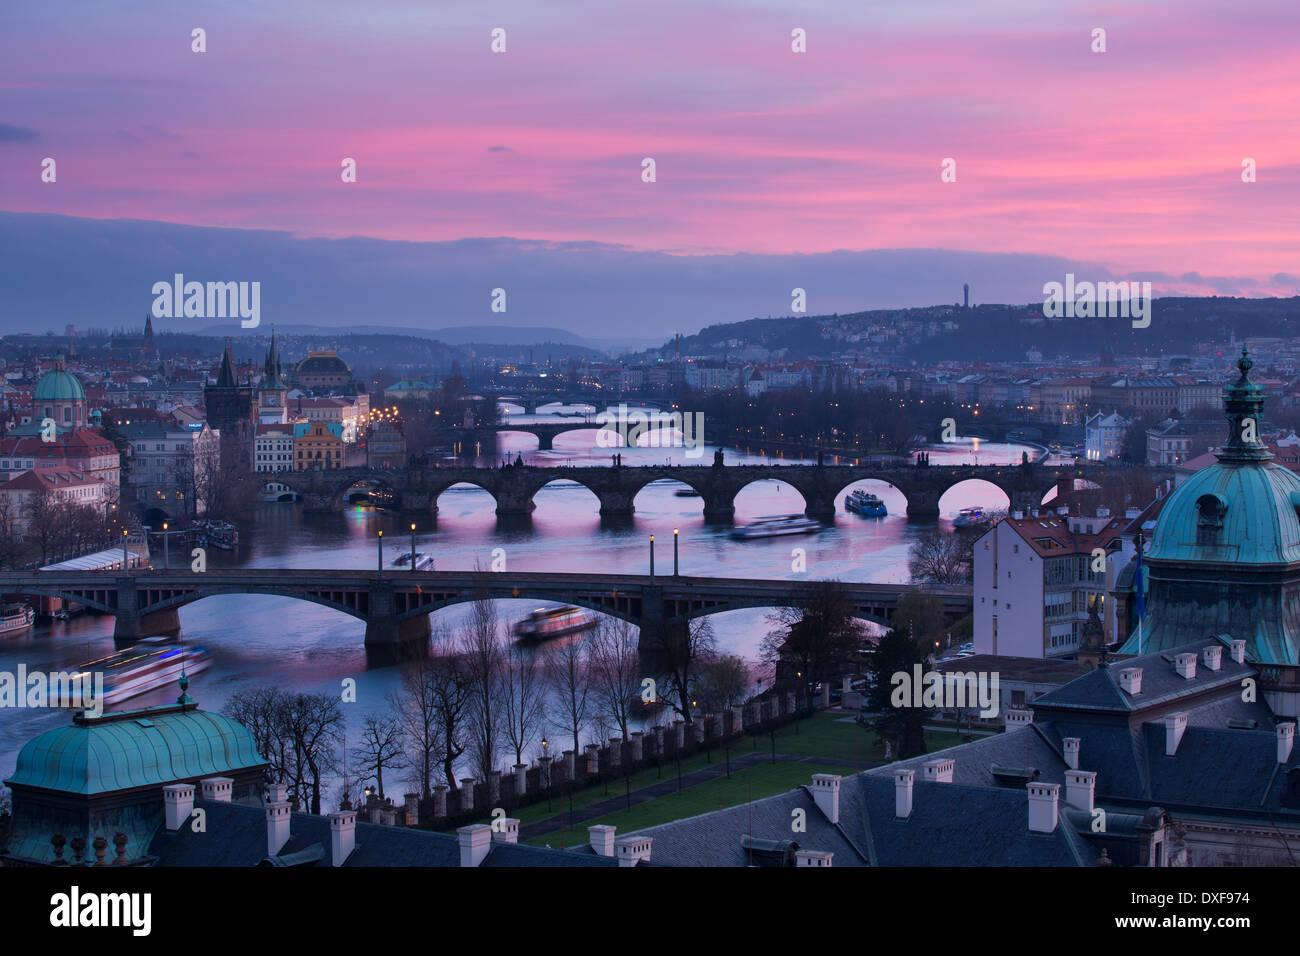 La crinière, Charles et la Légion des ponts sur la rivière Vltava, au crépuscule, avec la vieille Photo Stock